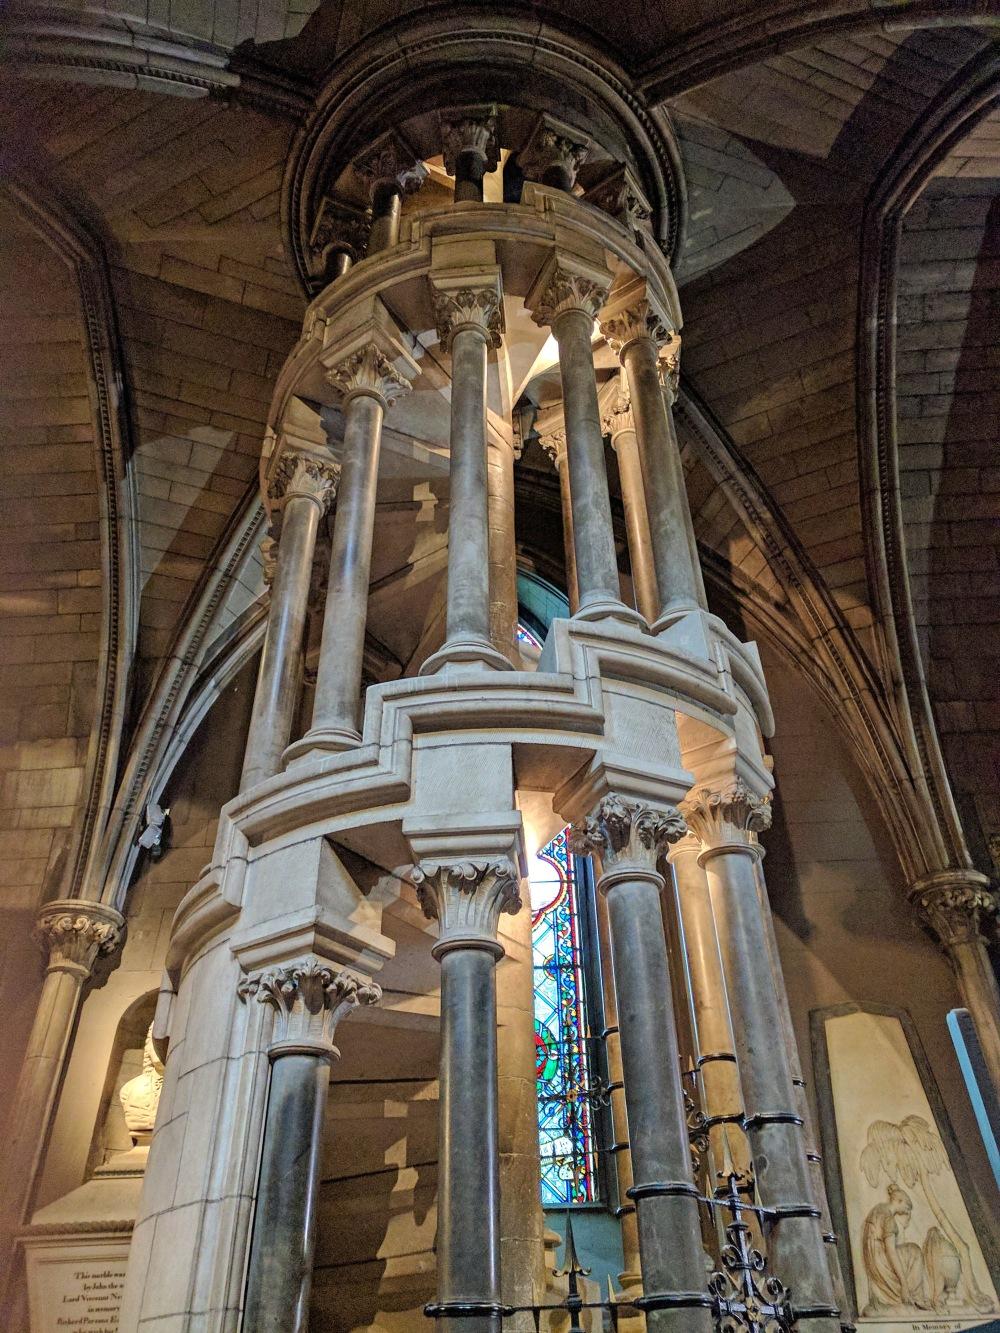 St Patrick,s Cathedral-Cattedrale di San Patrizio-Architettura-Cattedrale-Chiesa-Visitare Dublino-Dublin-Irlanda